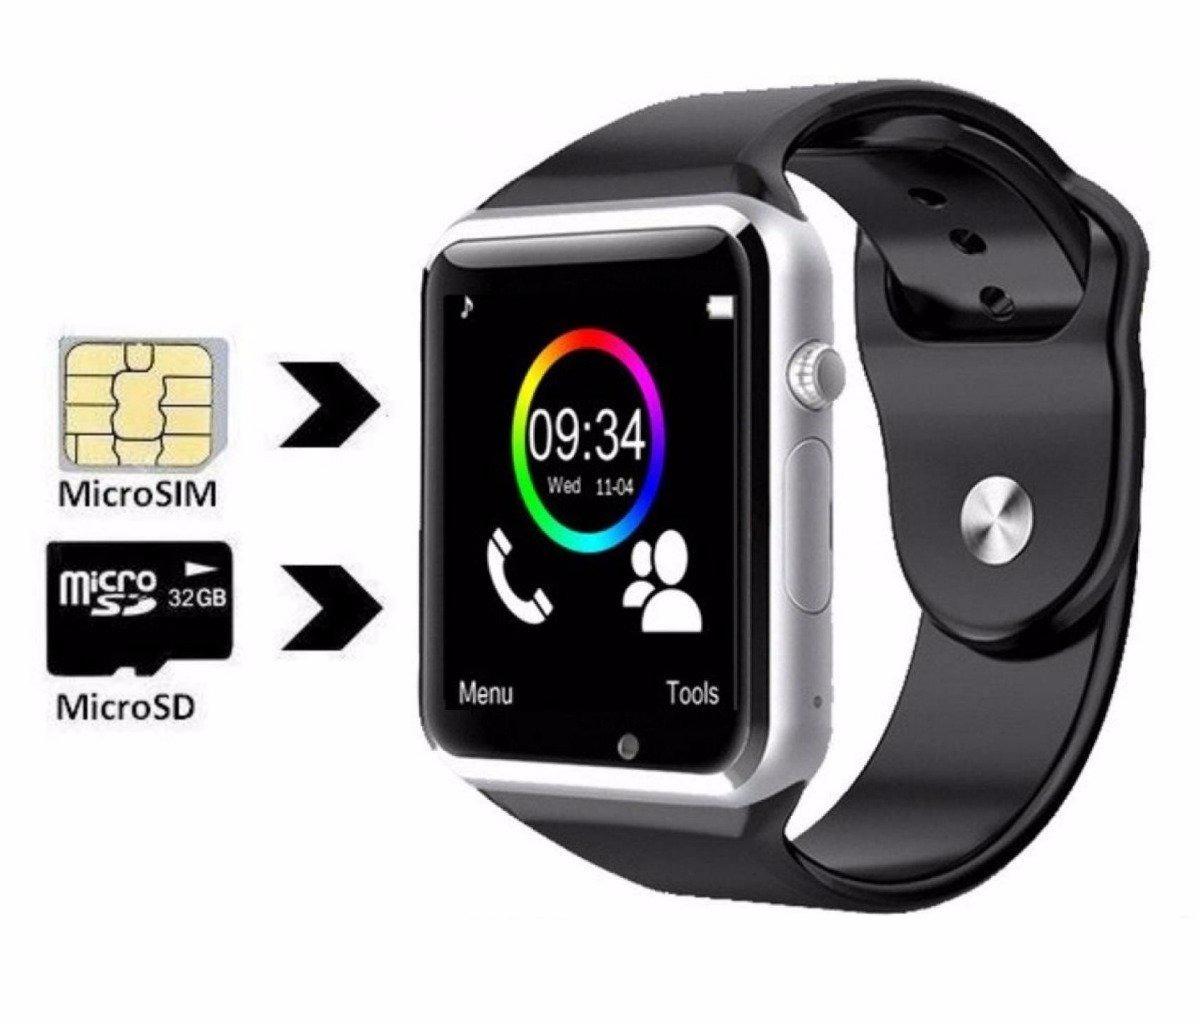 6a225688d2b relogio celular a1 smartwatch 3g chip android samsung app. Carregando zoom.